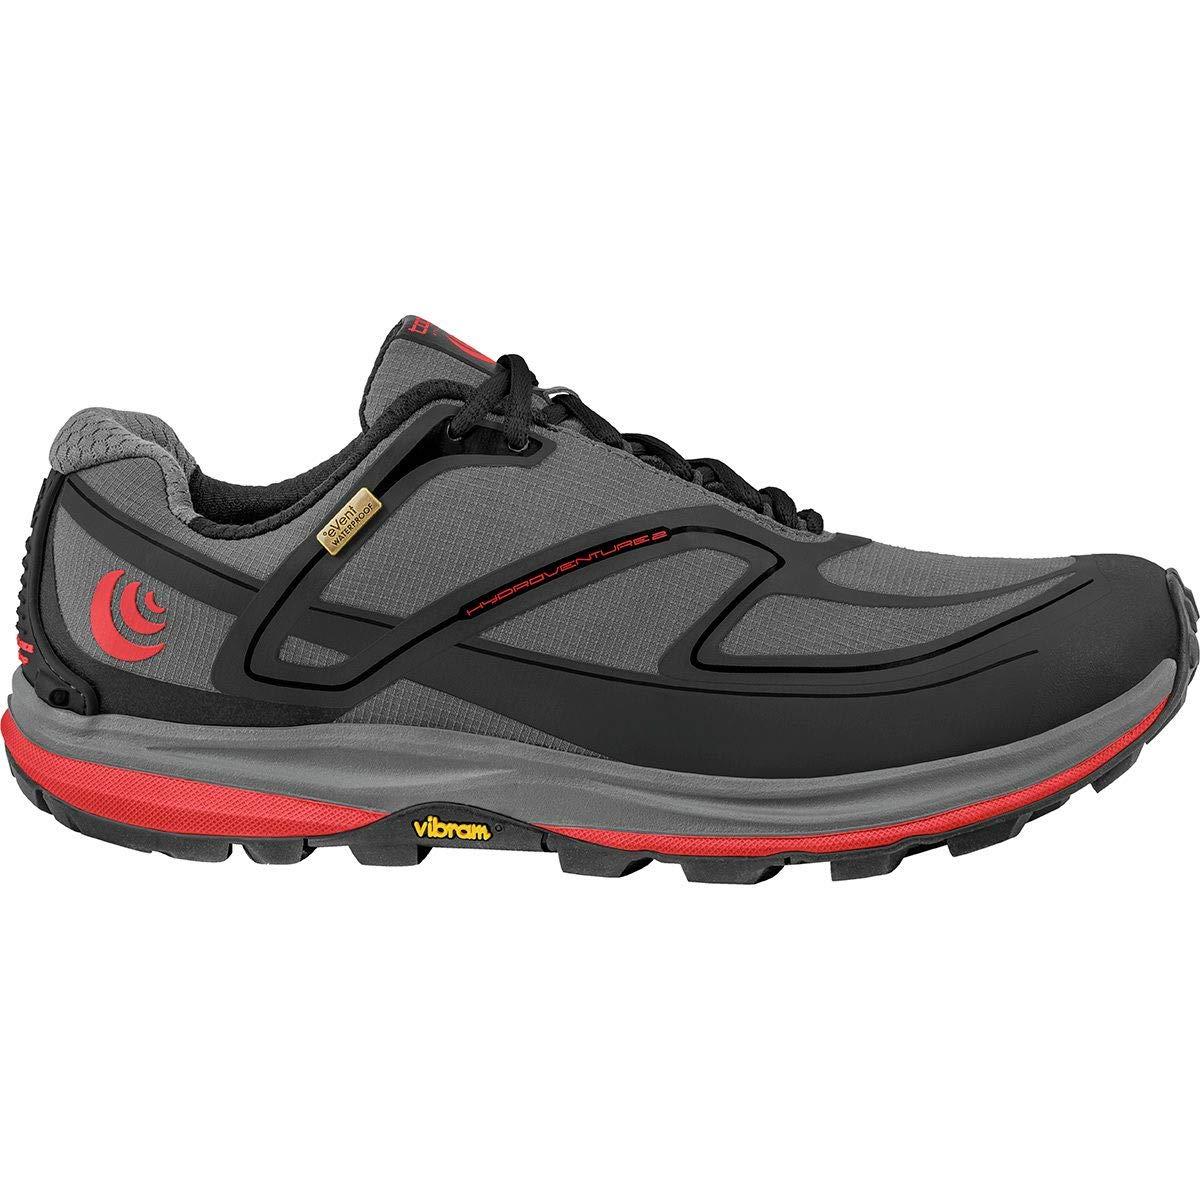 使い勝手の良い [トポアスレチック] メンズ ランニング Hydroventure メンズ B07P1RBVYD 2 Running Trail Running Shoe [並行輸入品] B07P1RBVYD 11.5, 本郷村:0f9825ab --- profrcsharma.woxpedia.com